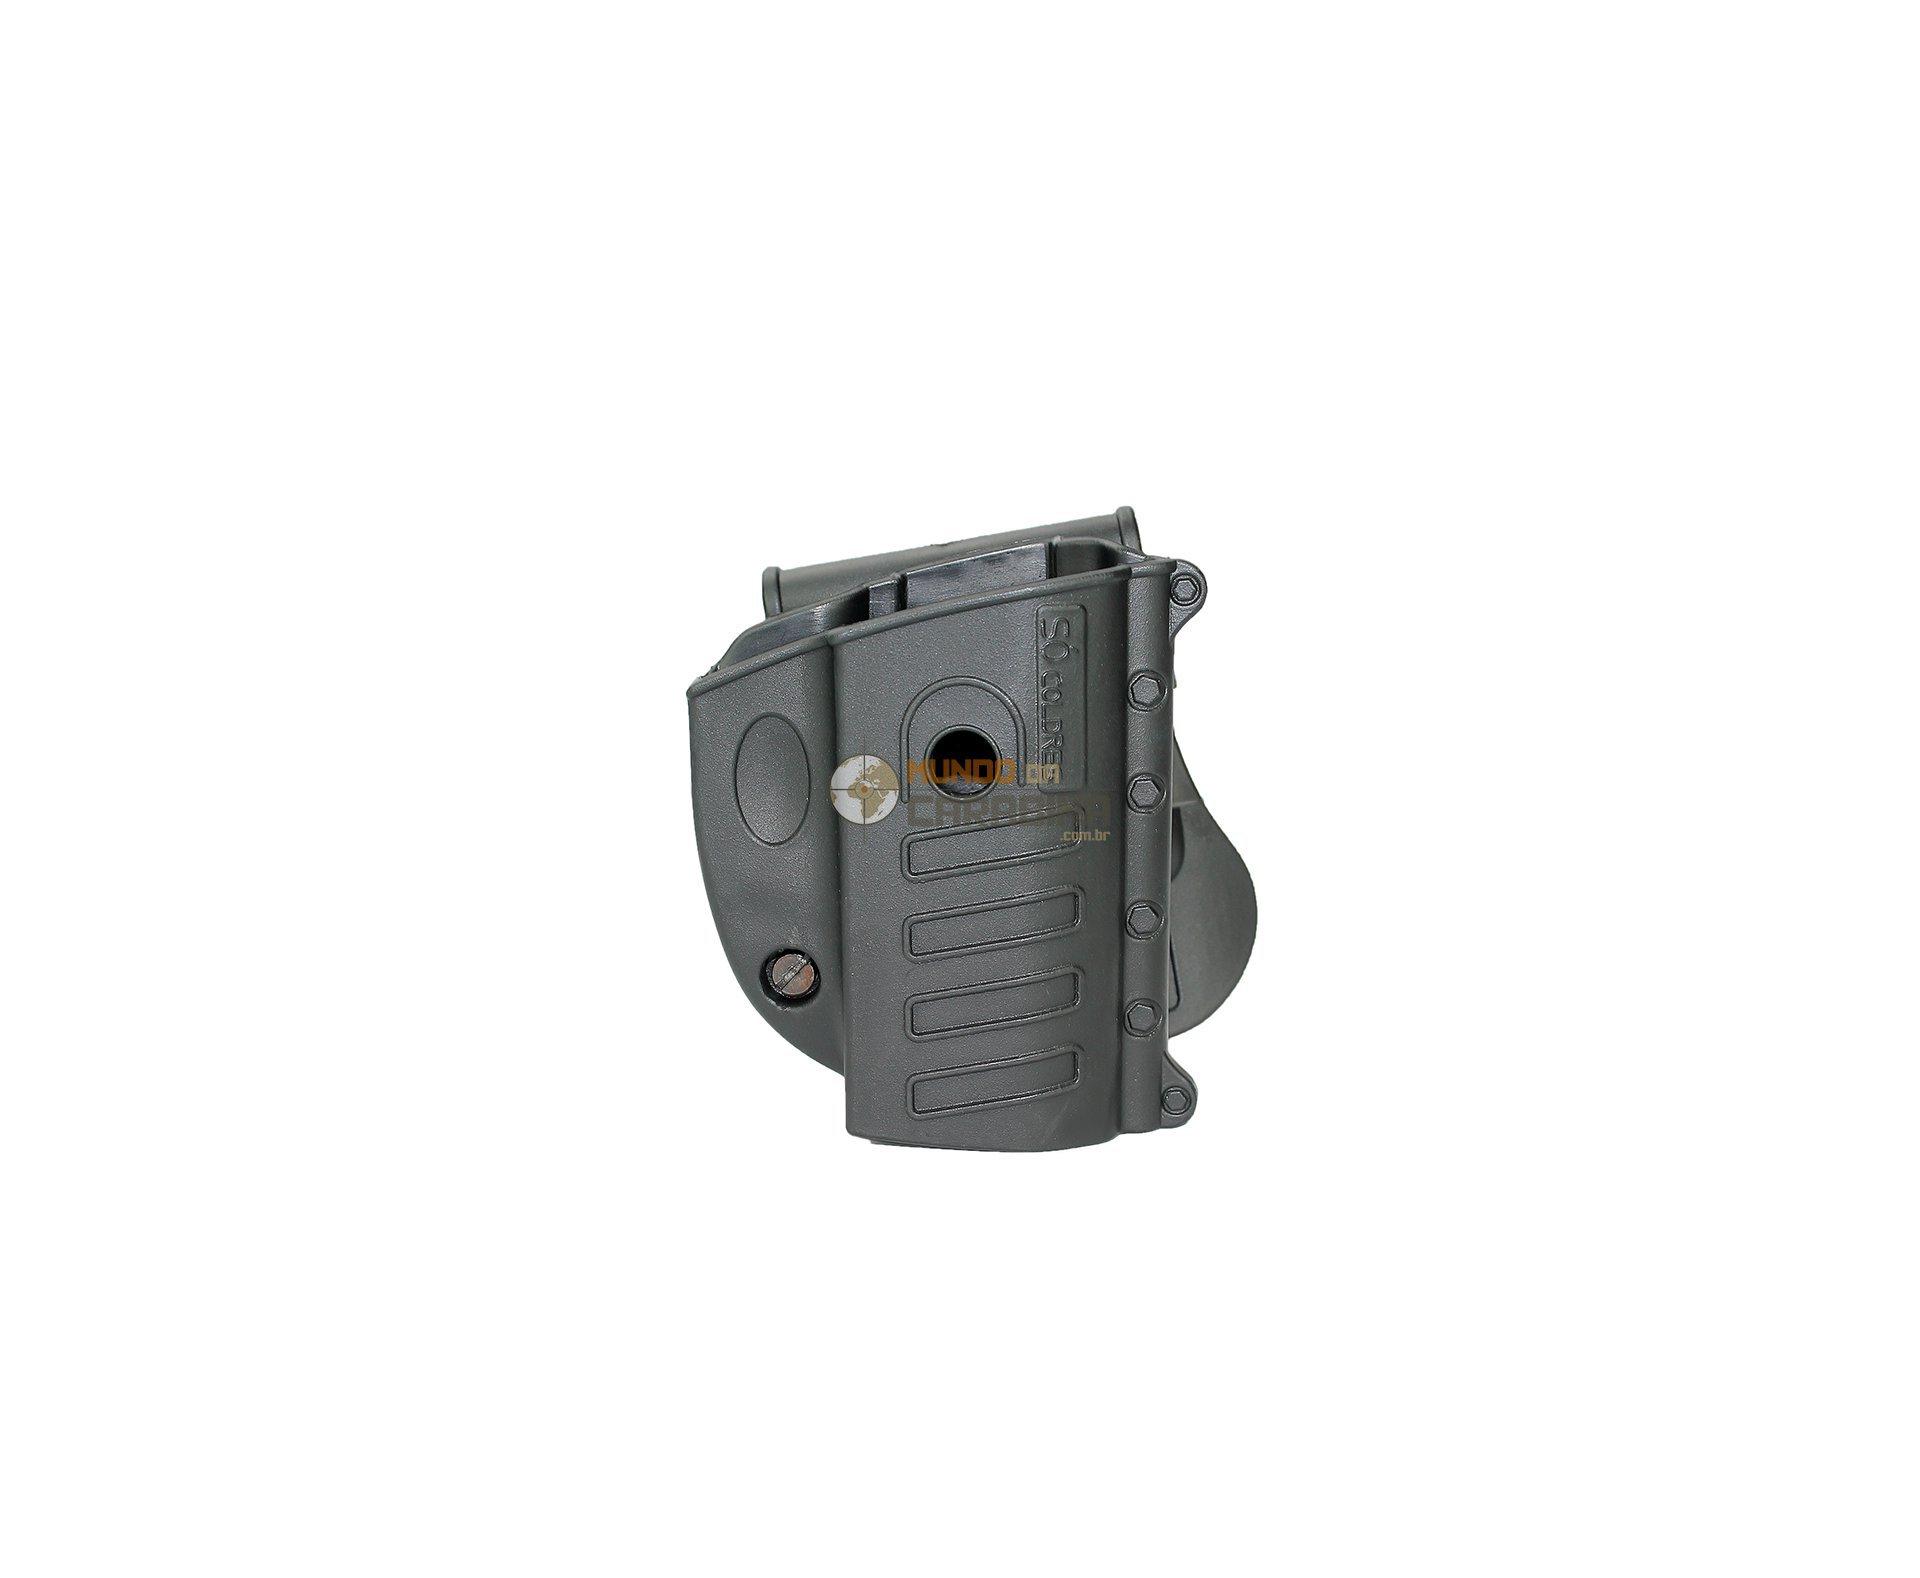 Coldre Universal Com Trava De Pressão Taurus, Glock E Grand Power Canhoto - So Coldres